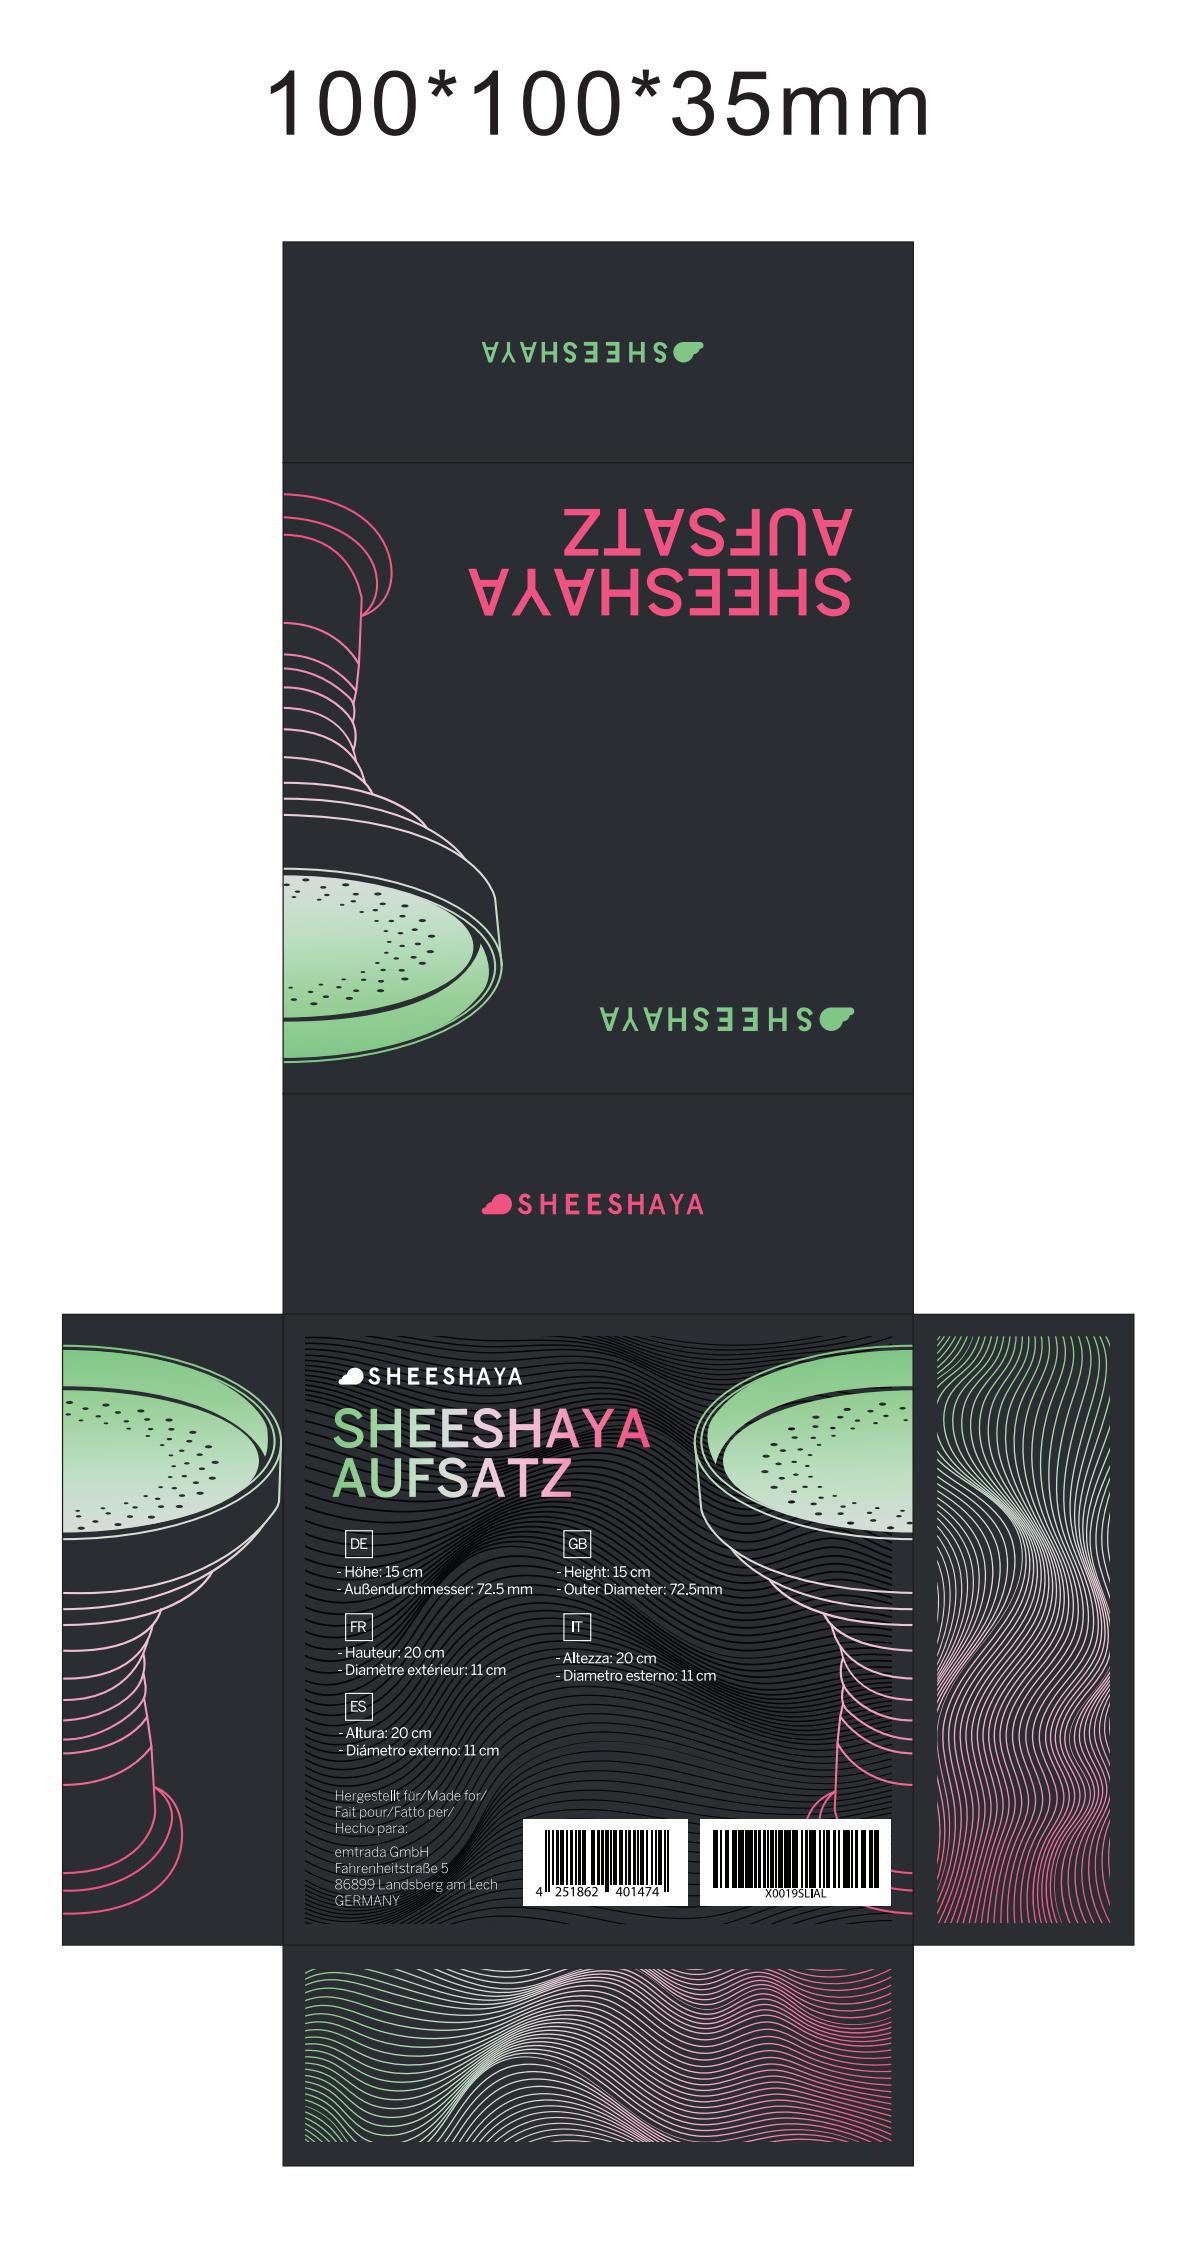 Sheeshaya Aufsatz